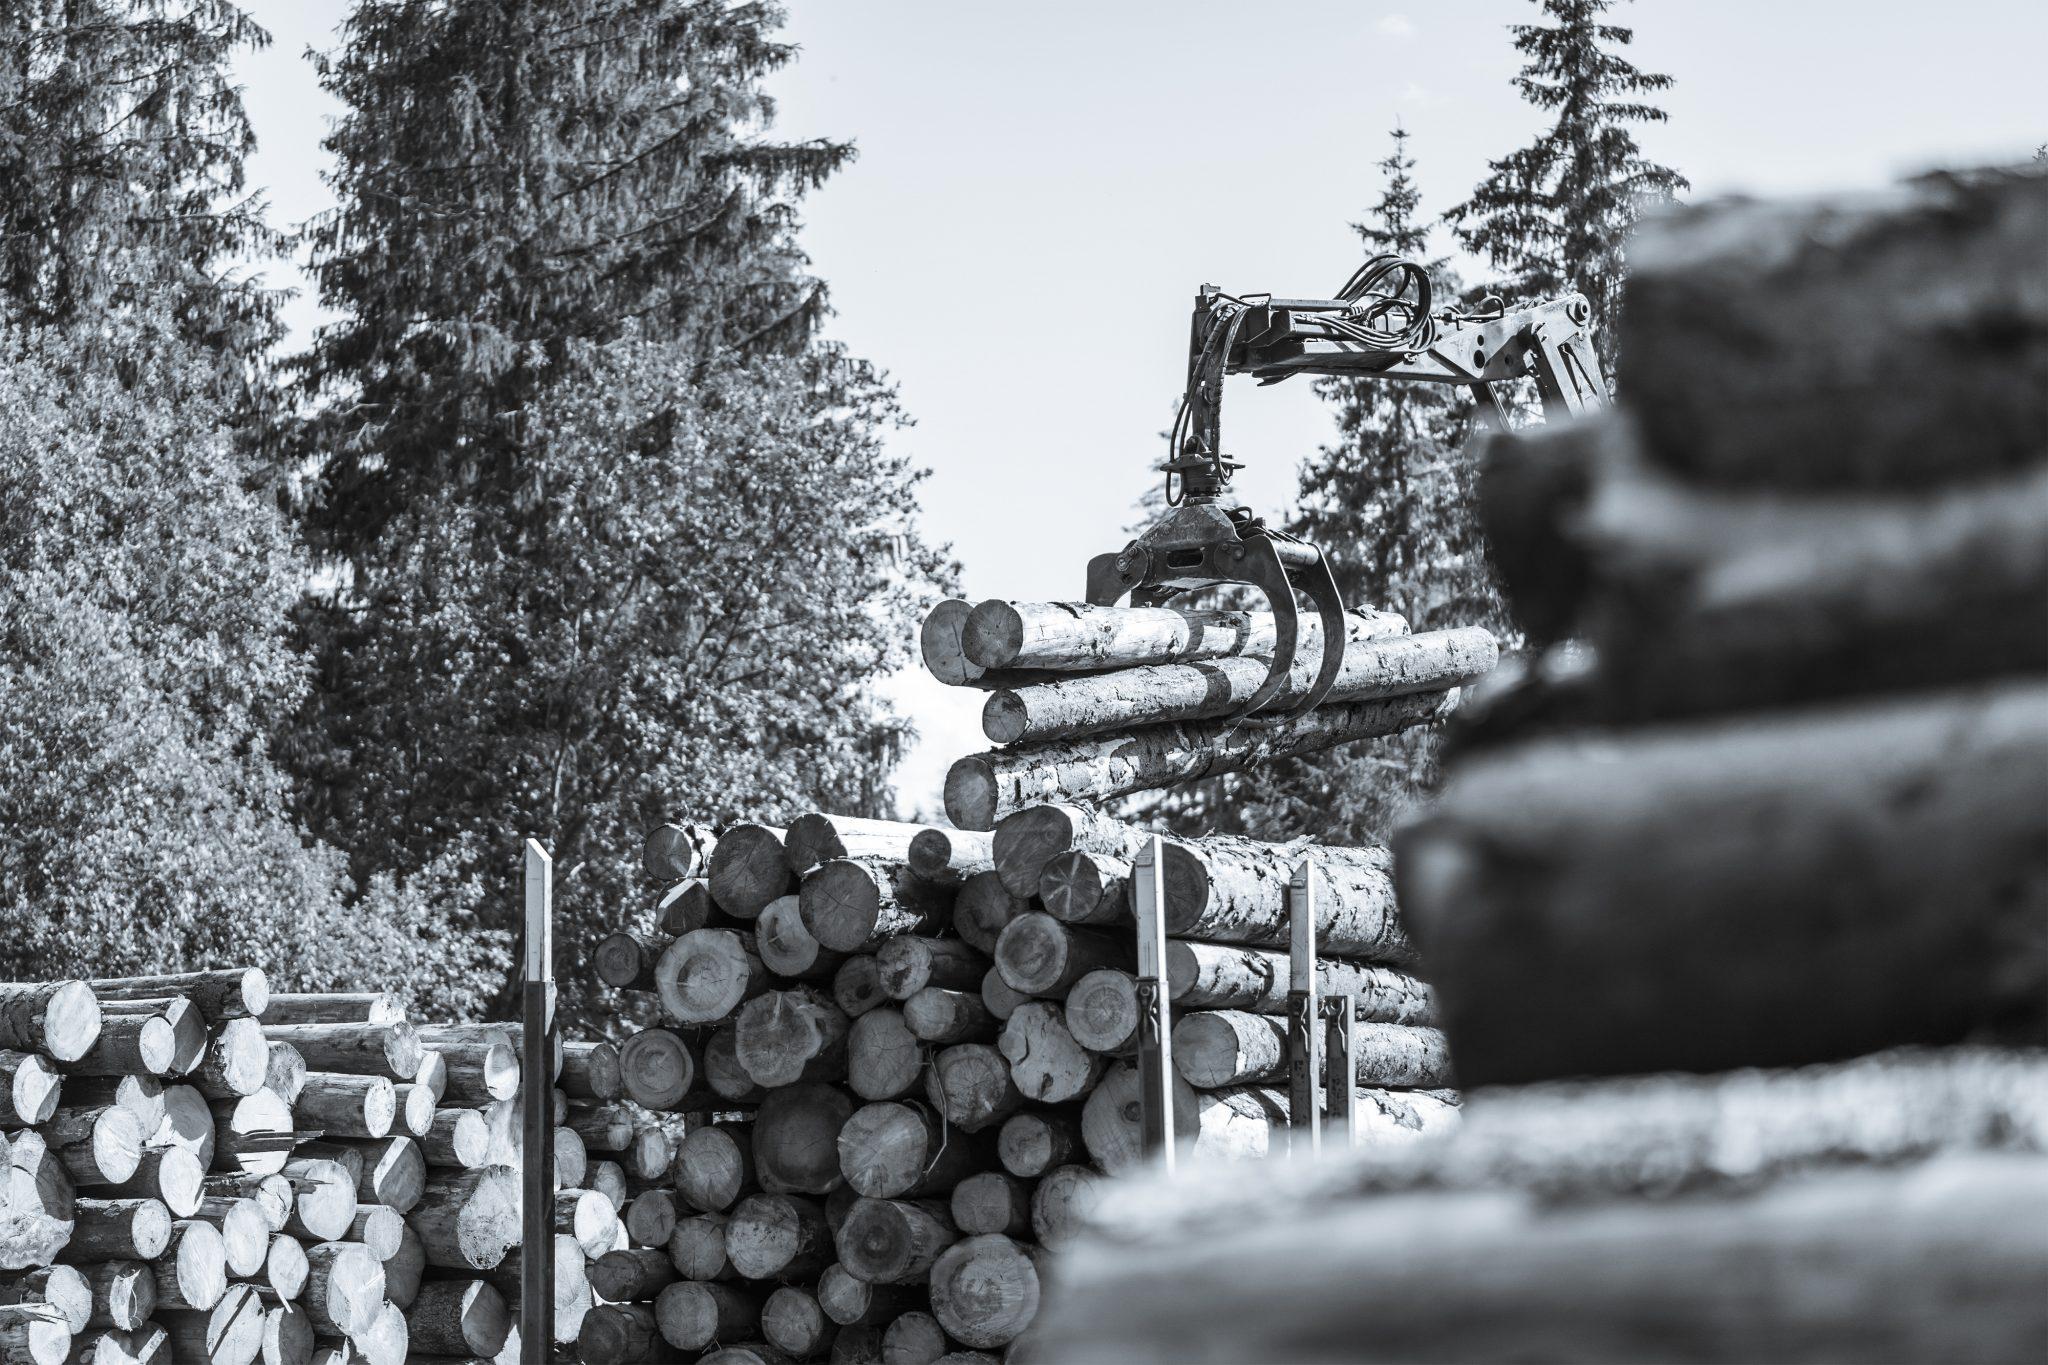 brennholz4you Produktion - Ihr zuverlässiger Lieferant für Brennholz